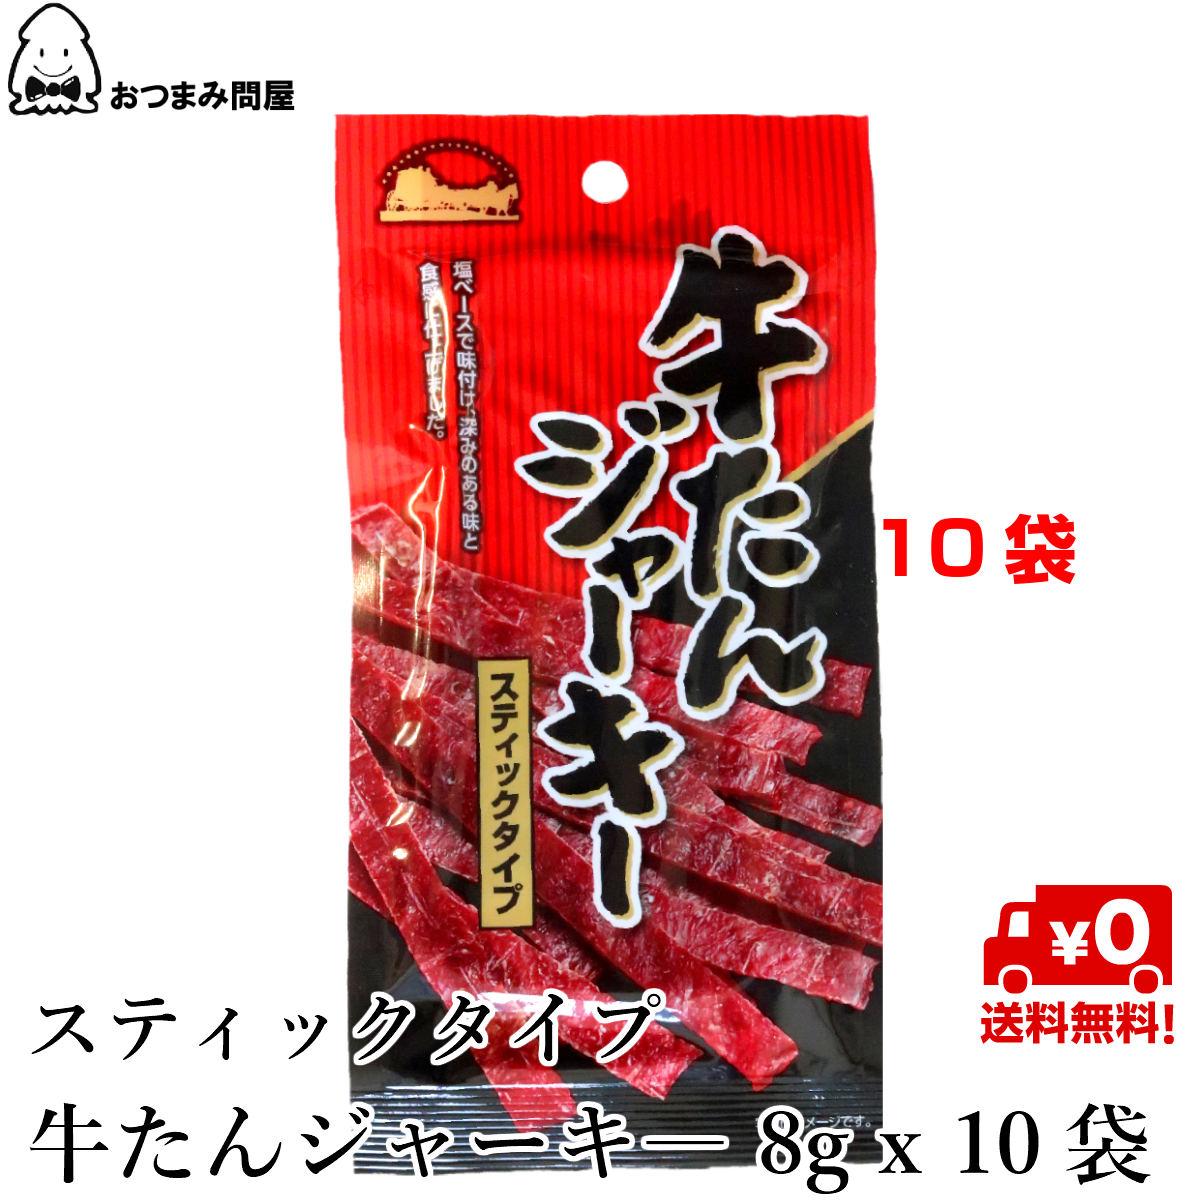 【スーパーセール限定価格】送料無料ジャーキー燻製牛たんジャーキースティックタイプ牛タン8gx10袋常温保存